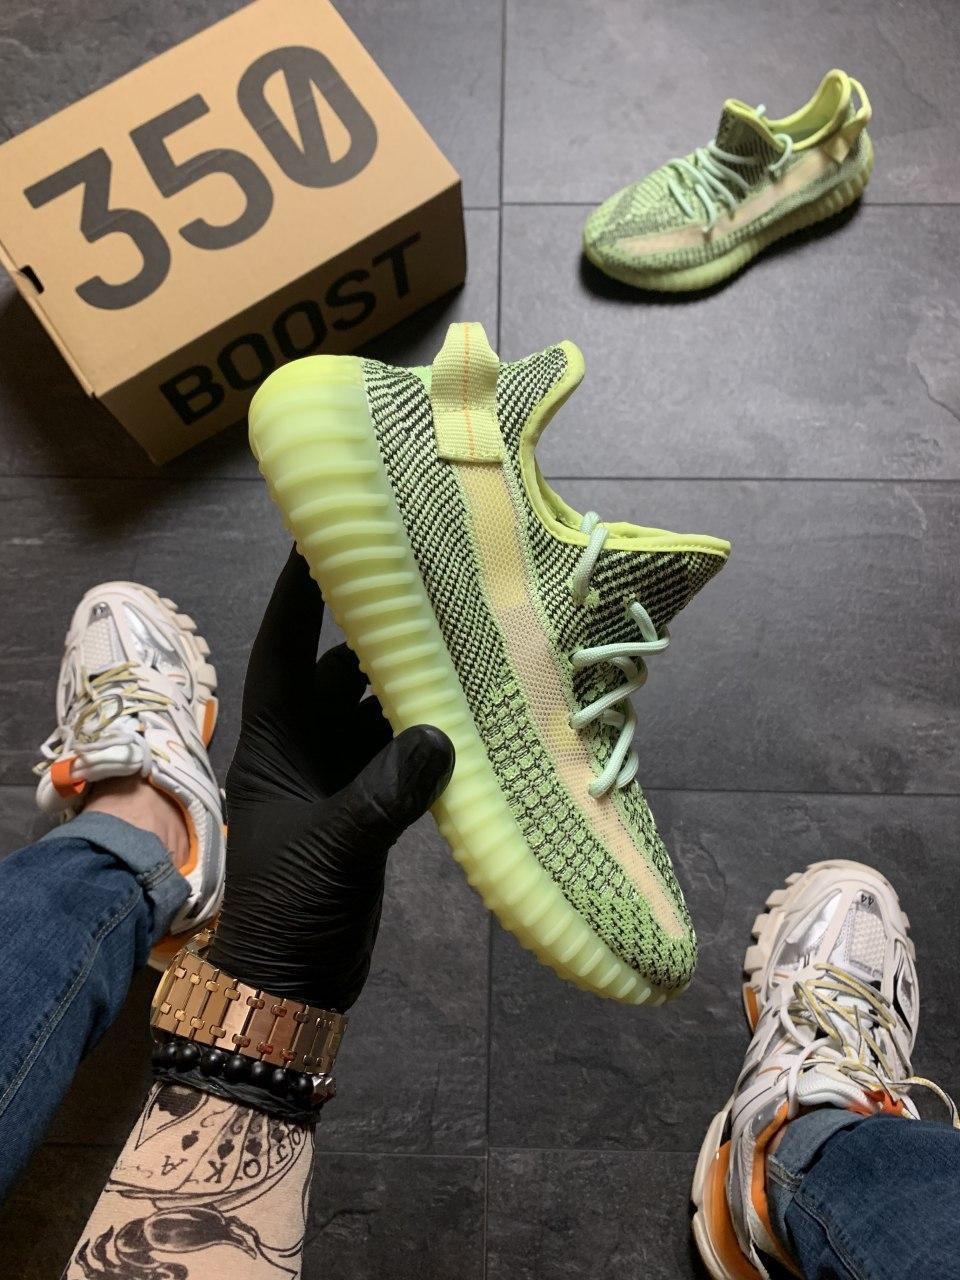 Adidas Yeezy Boost 350 v2 Yeеzreel Reflective